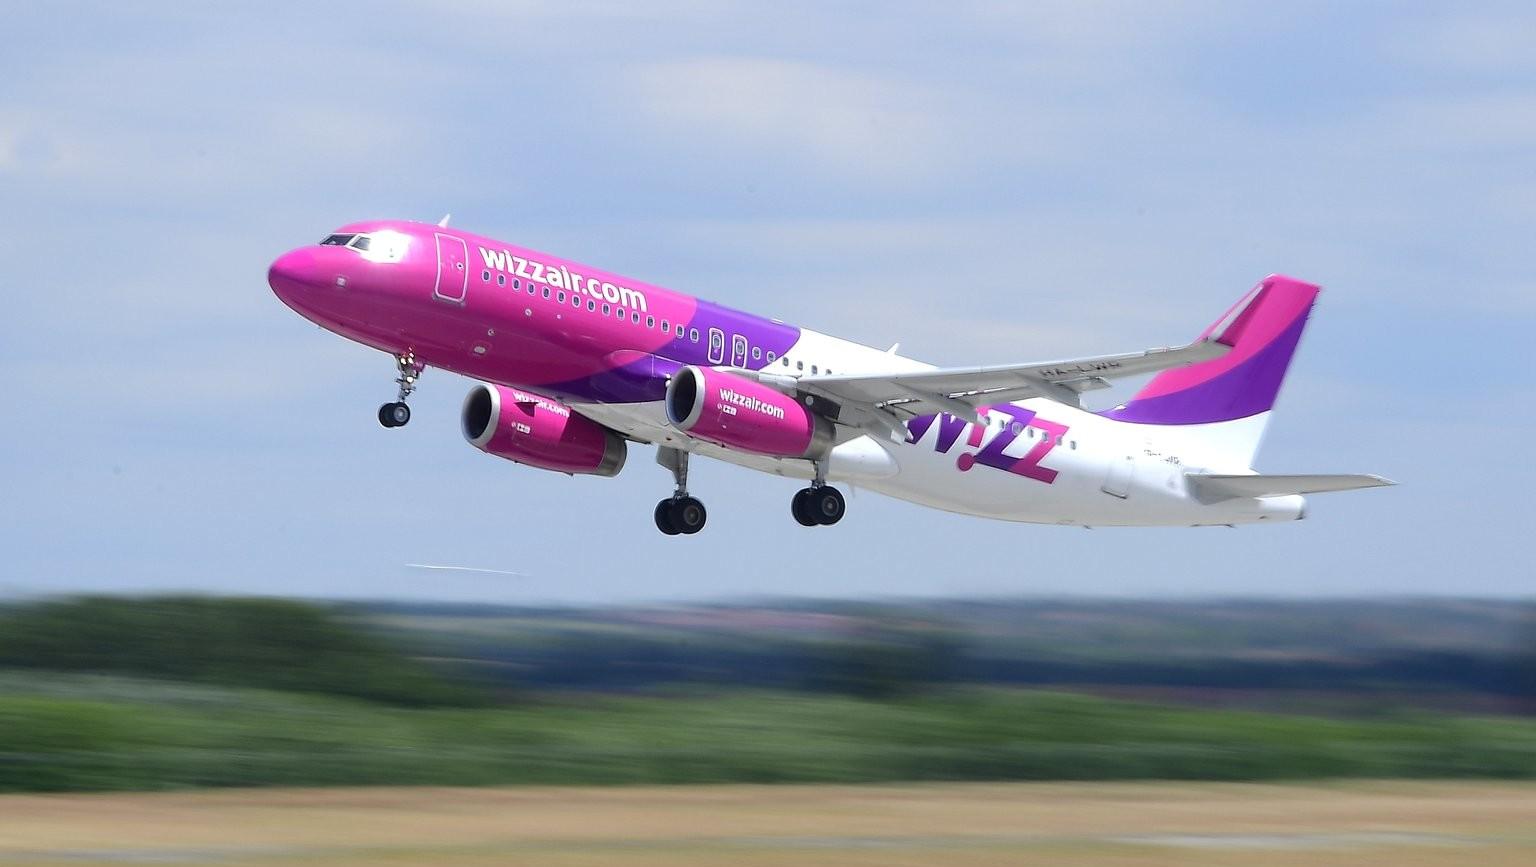 Felszáll a Wizz Air diszkont légitársaság első járata a Liszt Ferenc-repülőtérről Kazahsztán fővárosába, Asztanába 2017. június 8-án (MTI Fotó: Kovács Tamás)